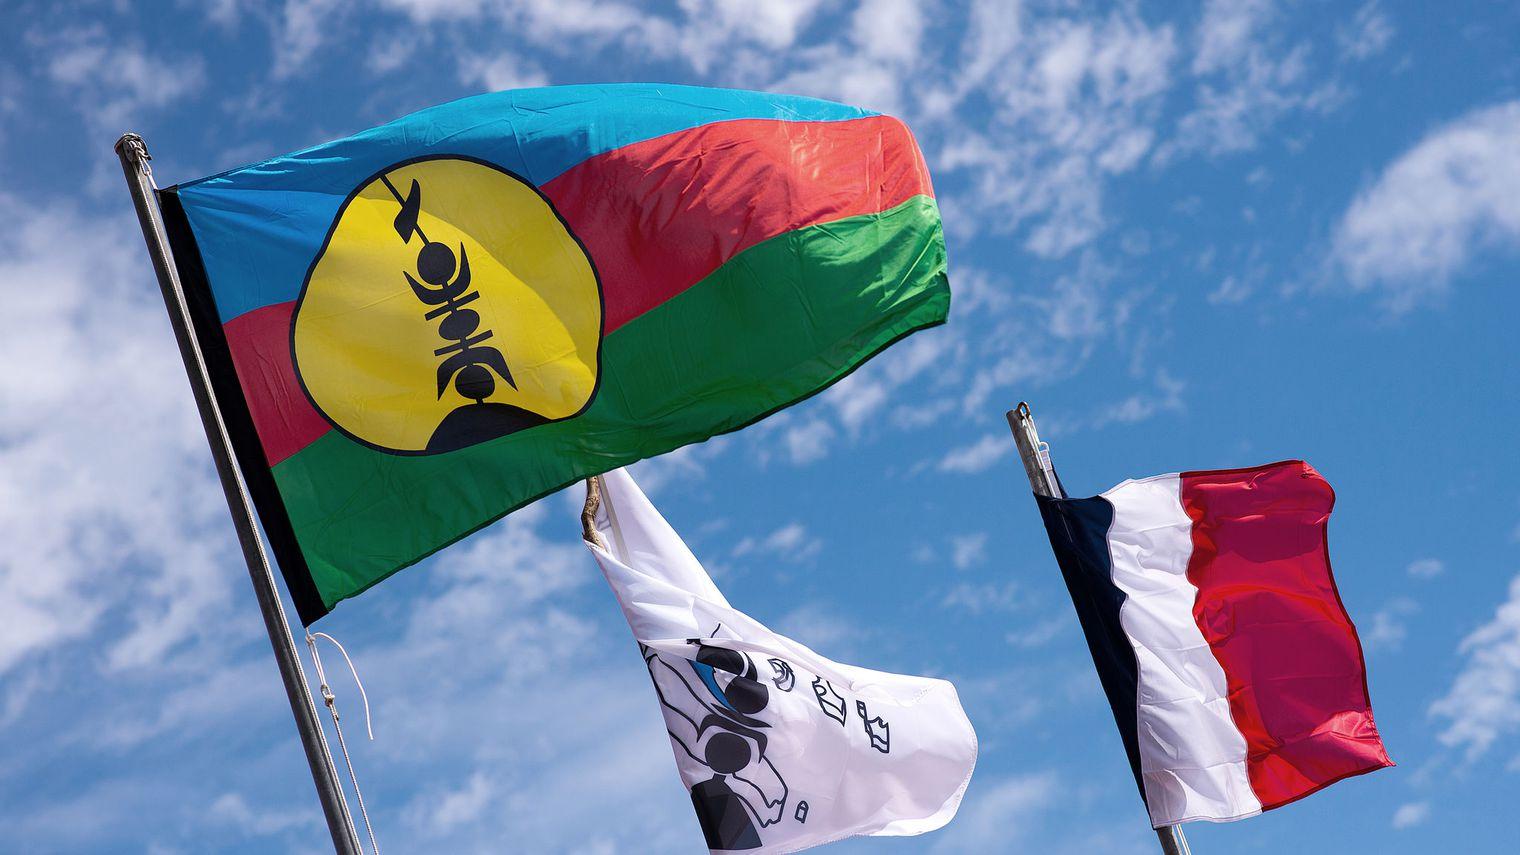 Le drapeau kanak, et le drapeau français flottants ensembles dans le ciel calédonien. Gageons que la Nouvelle-Calédonie saurait se réinventer au regard des différents territoires des communautés qui la composent ©Lionel Bonaventure / AFP